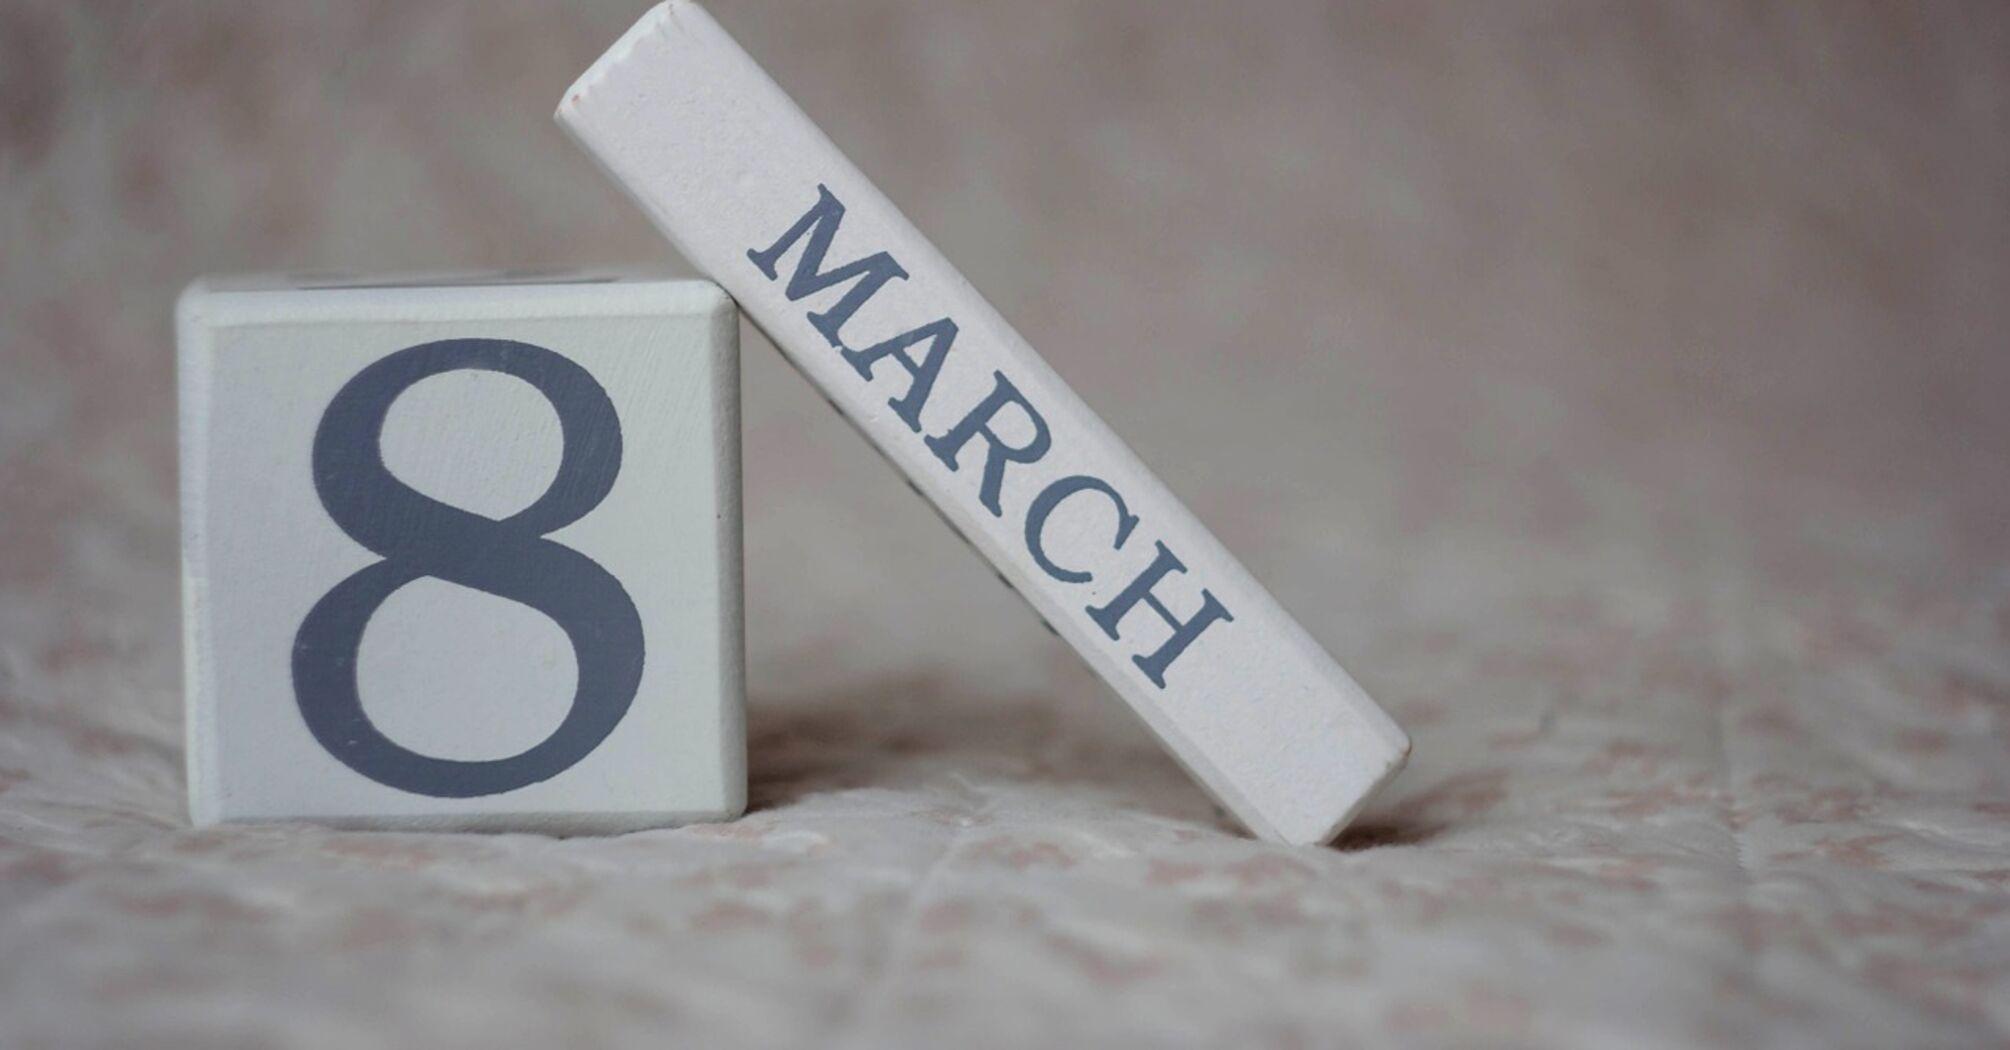 Выходной 8 марта отменили или нет? Сколько дней будут отдыхать украинцы